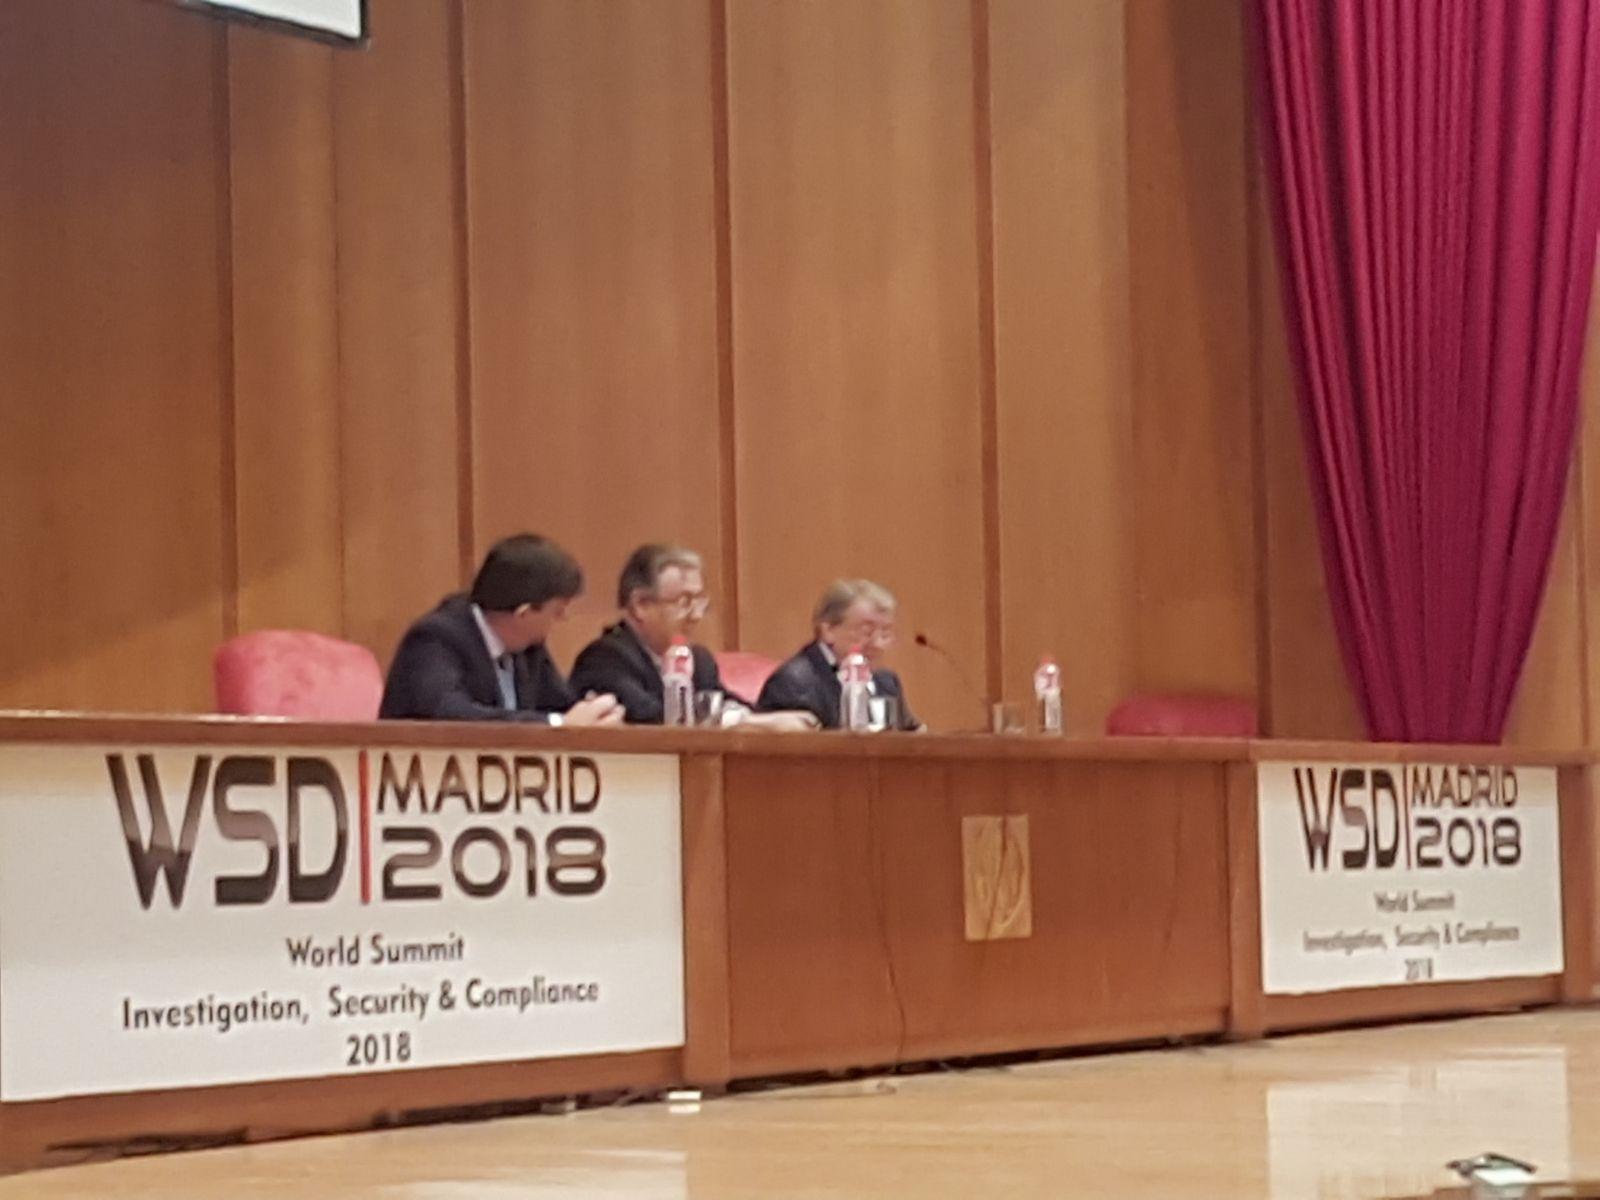 <p>El WSD2018 se ha celebrado en el Gran Anfiteatro Ramón y Cajal, de la Facultad de Medicina de la Universidad Complutense de Madrid, en la Ciudad Universitaria de Madrid. El acto de inauguración contó con la presencia del Ministro del Interior Juan Ignacio Zoido y los Directores Generales de la [&hellip;]</p>